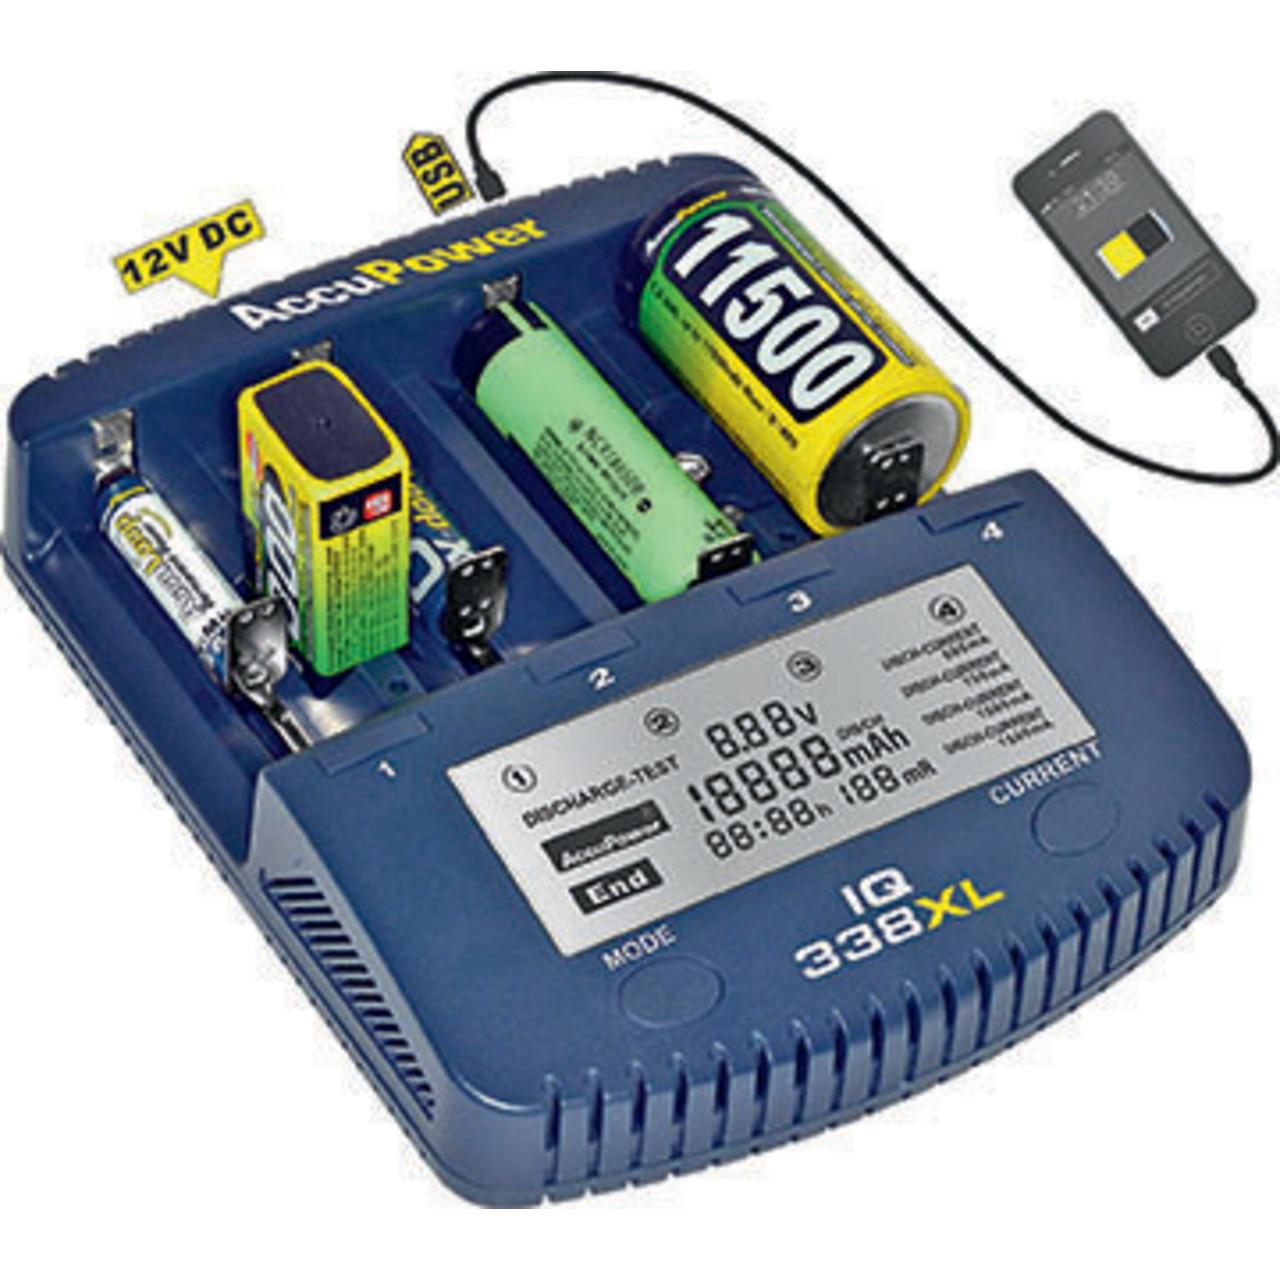 Image of AccuPower Ladegerät und Akku Analyzer IQ338XL für Li-Ion / NiCd / NiMH